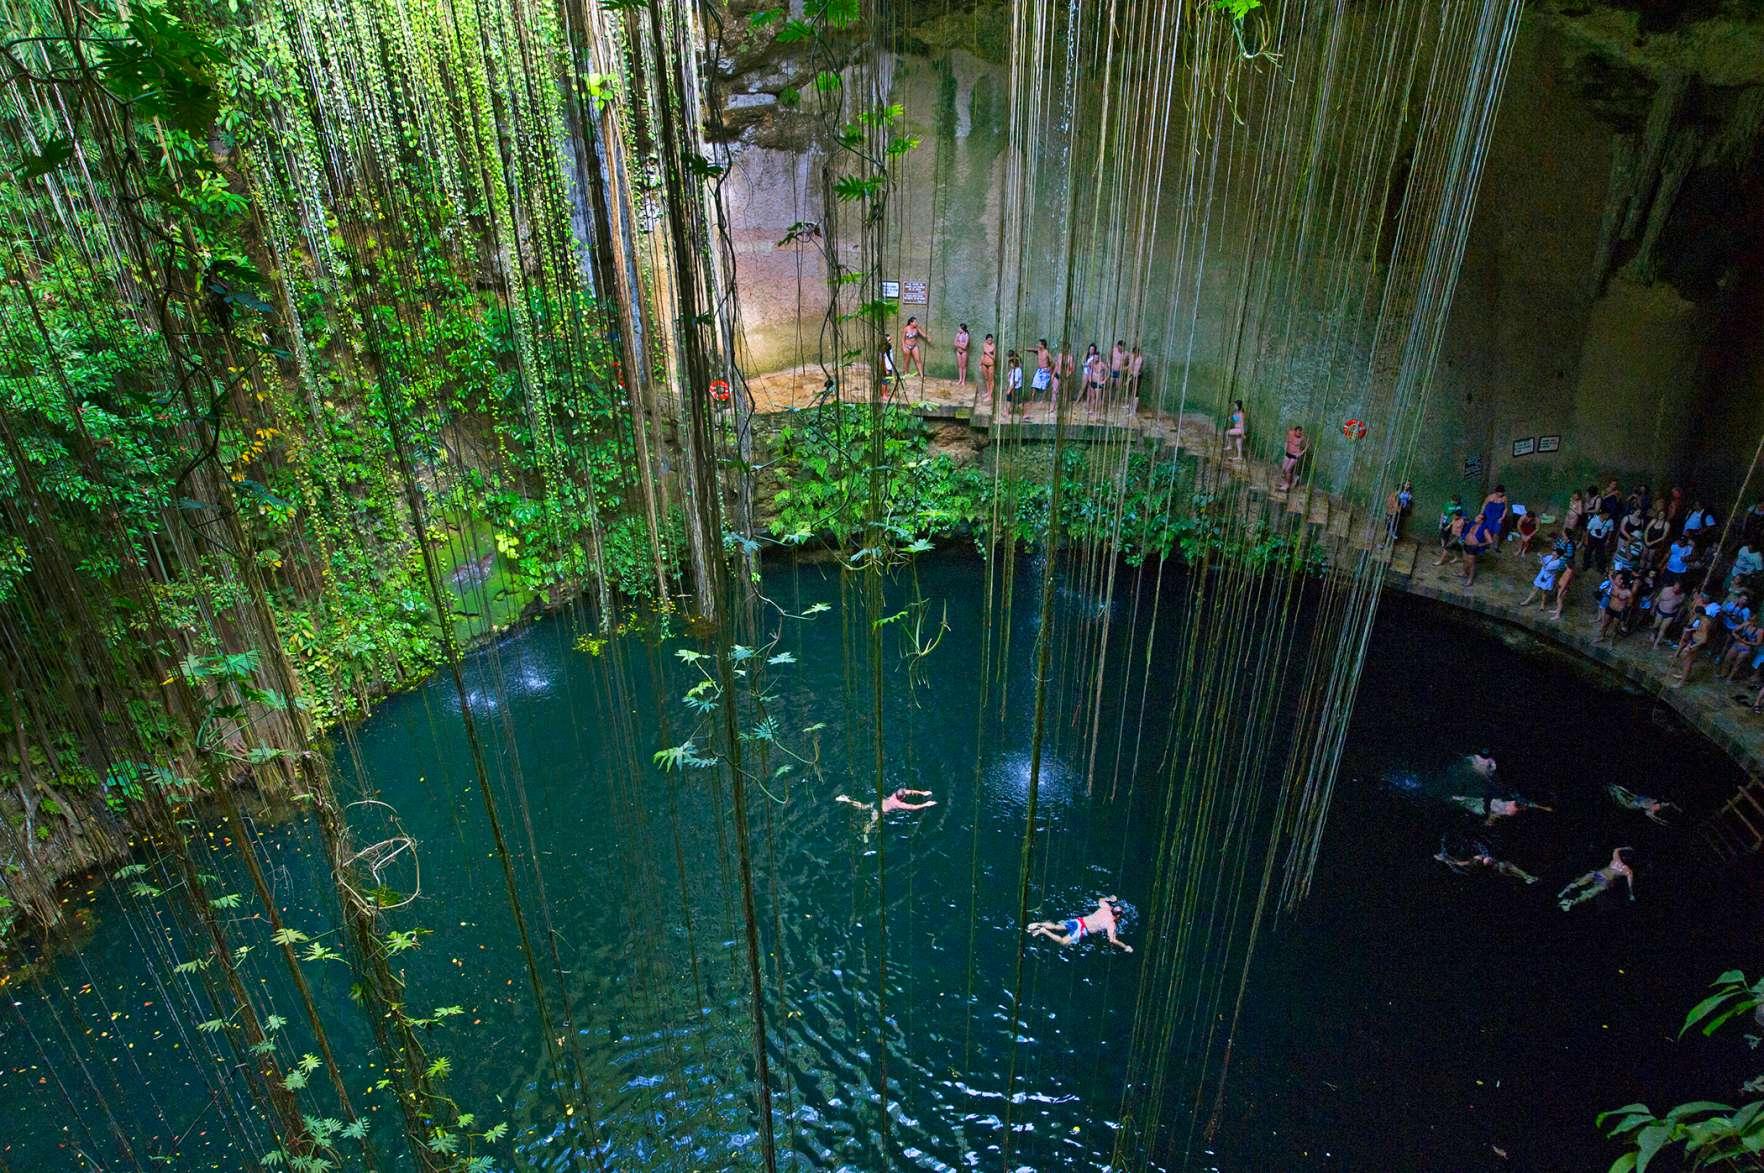 Tourists swimming in Ikil cenote on Yukatan peninsula in Mexico